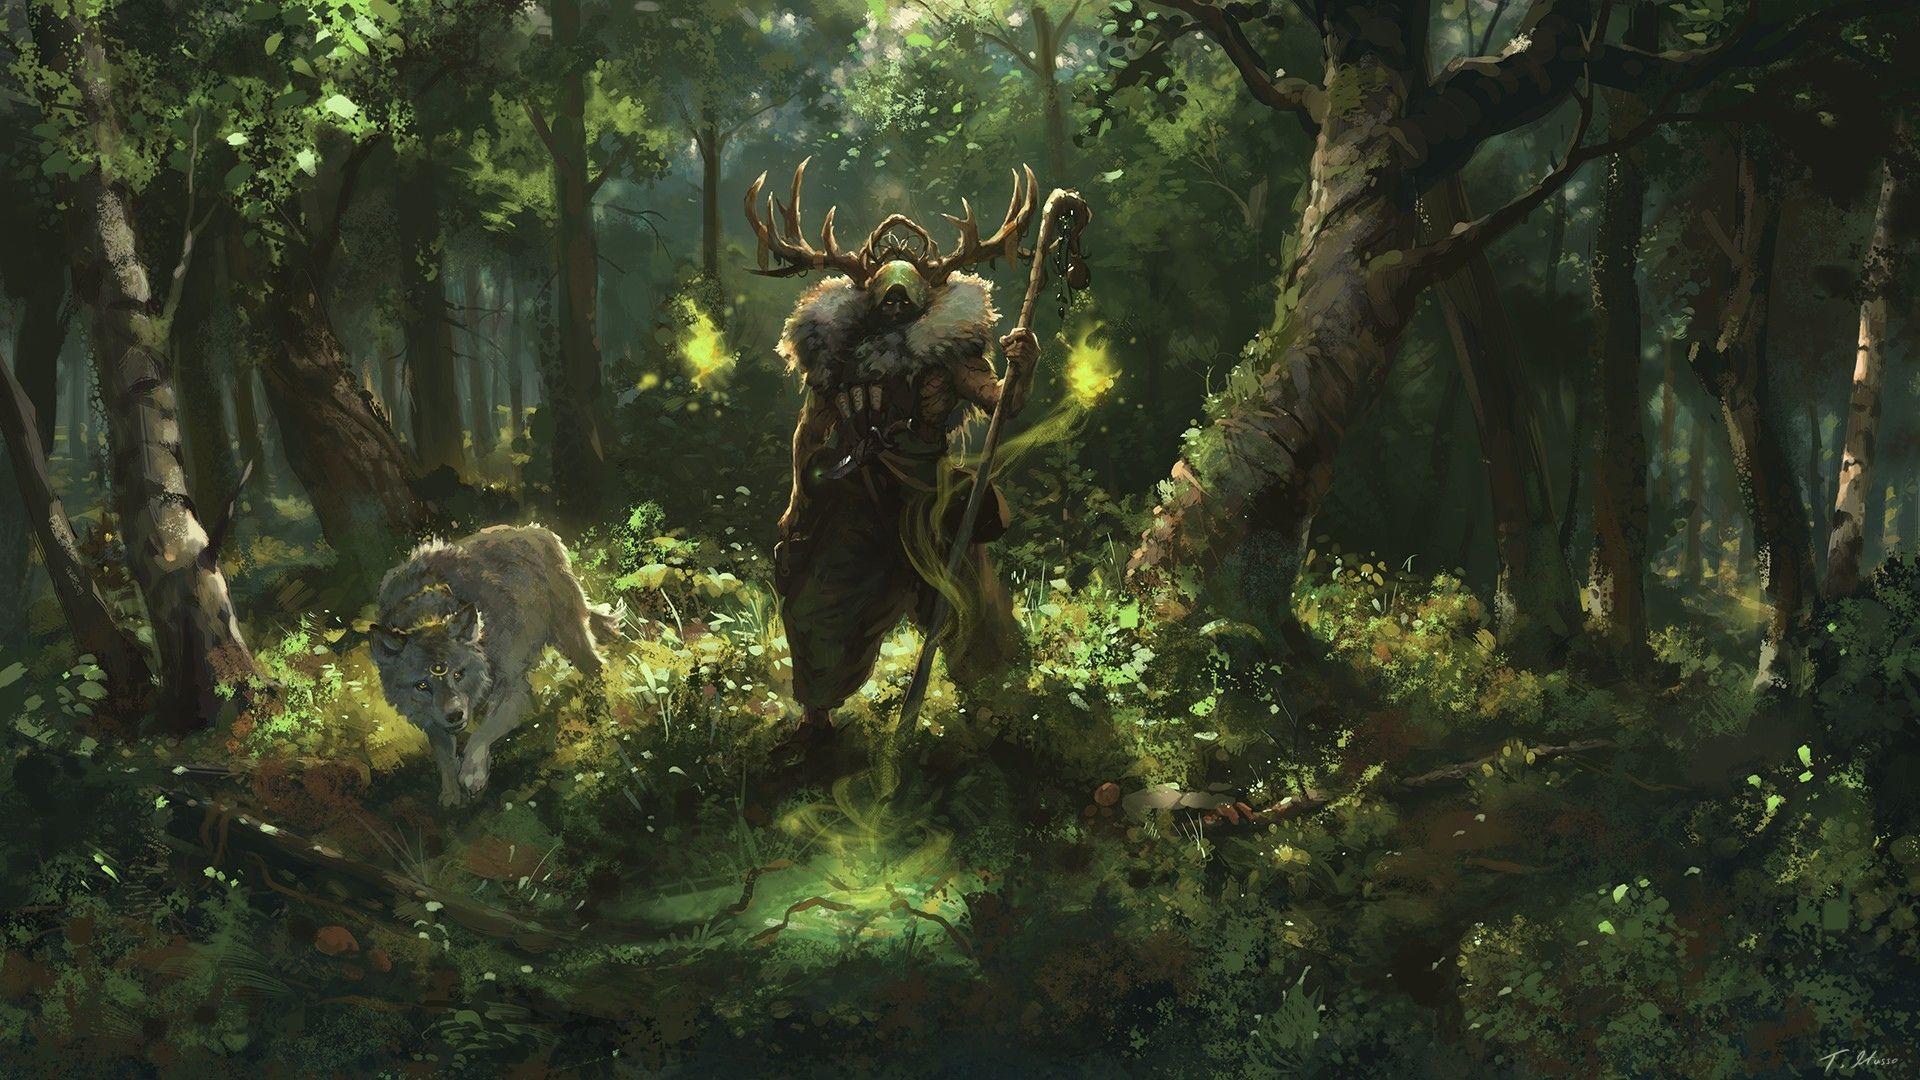 Fantasy Druid Wallpaper Fantasy Landscape Druid Fantasy Artwork